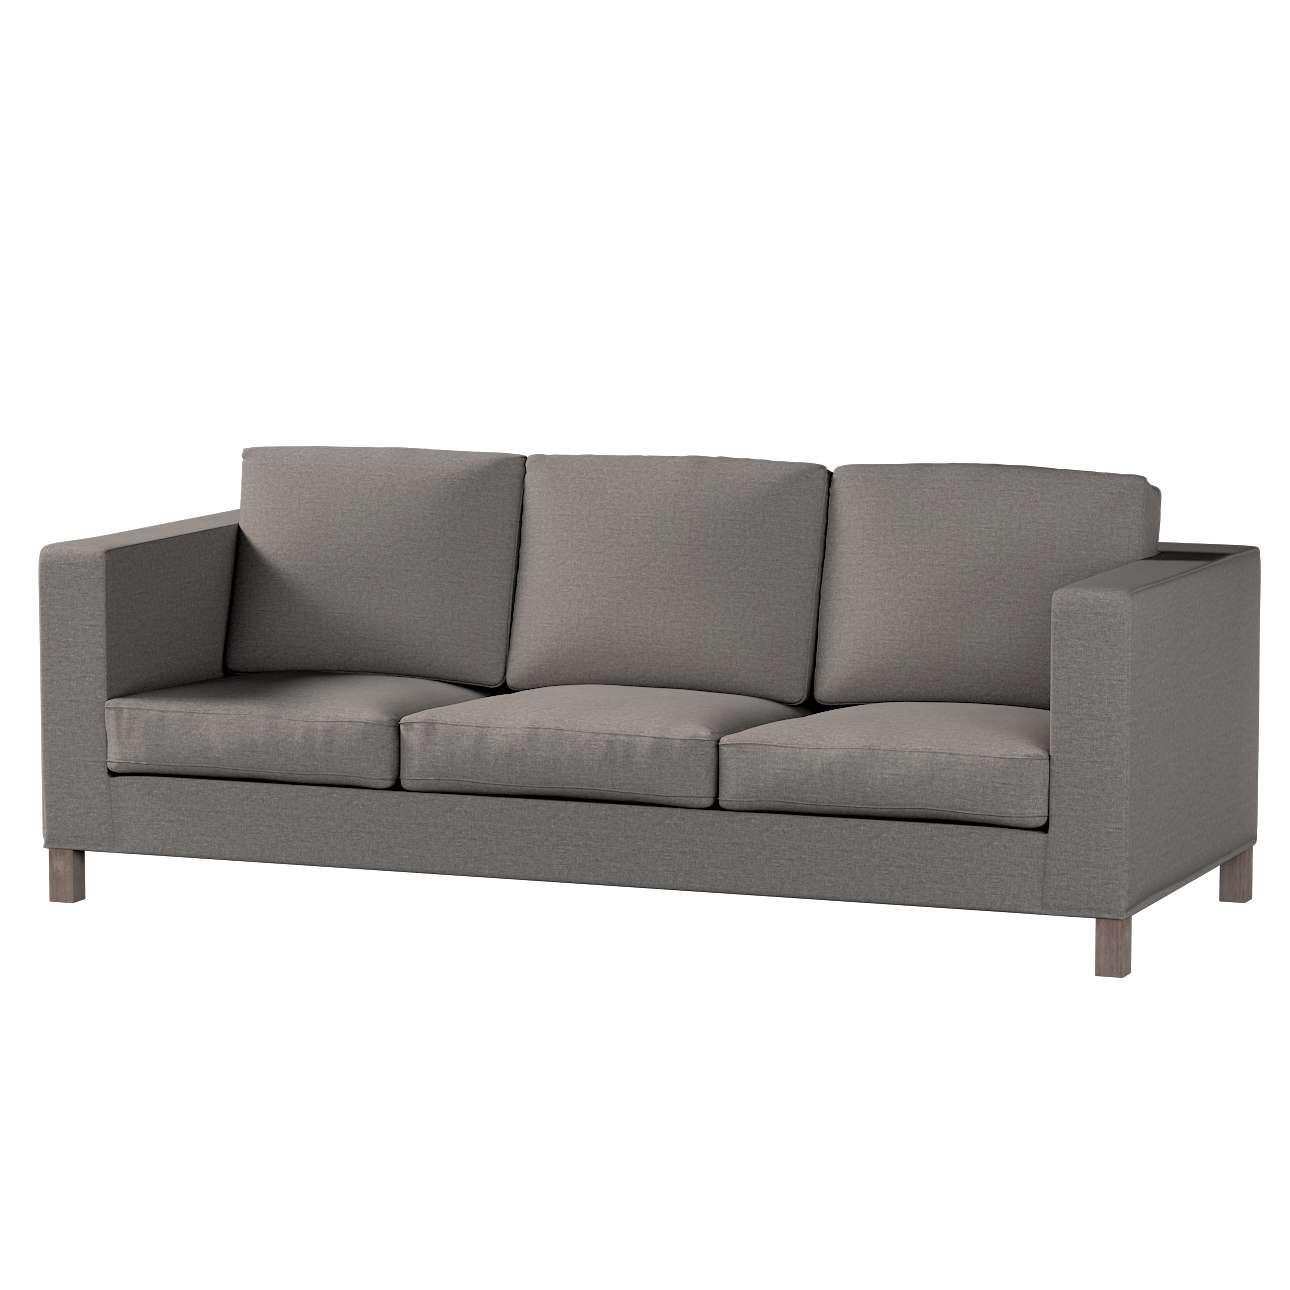 Bezug für Karlanda 3-Sitzer Sofa nicht ausklappbar, kurz von der Kollektion Edinburgh , Stoff: 115-77